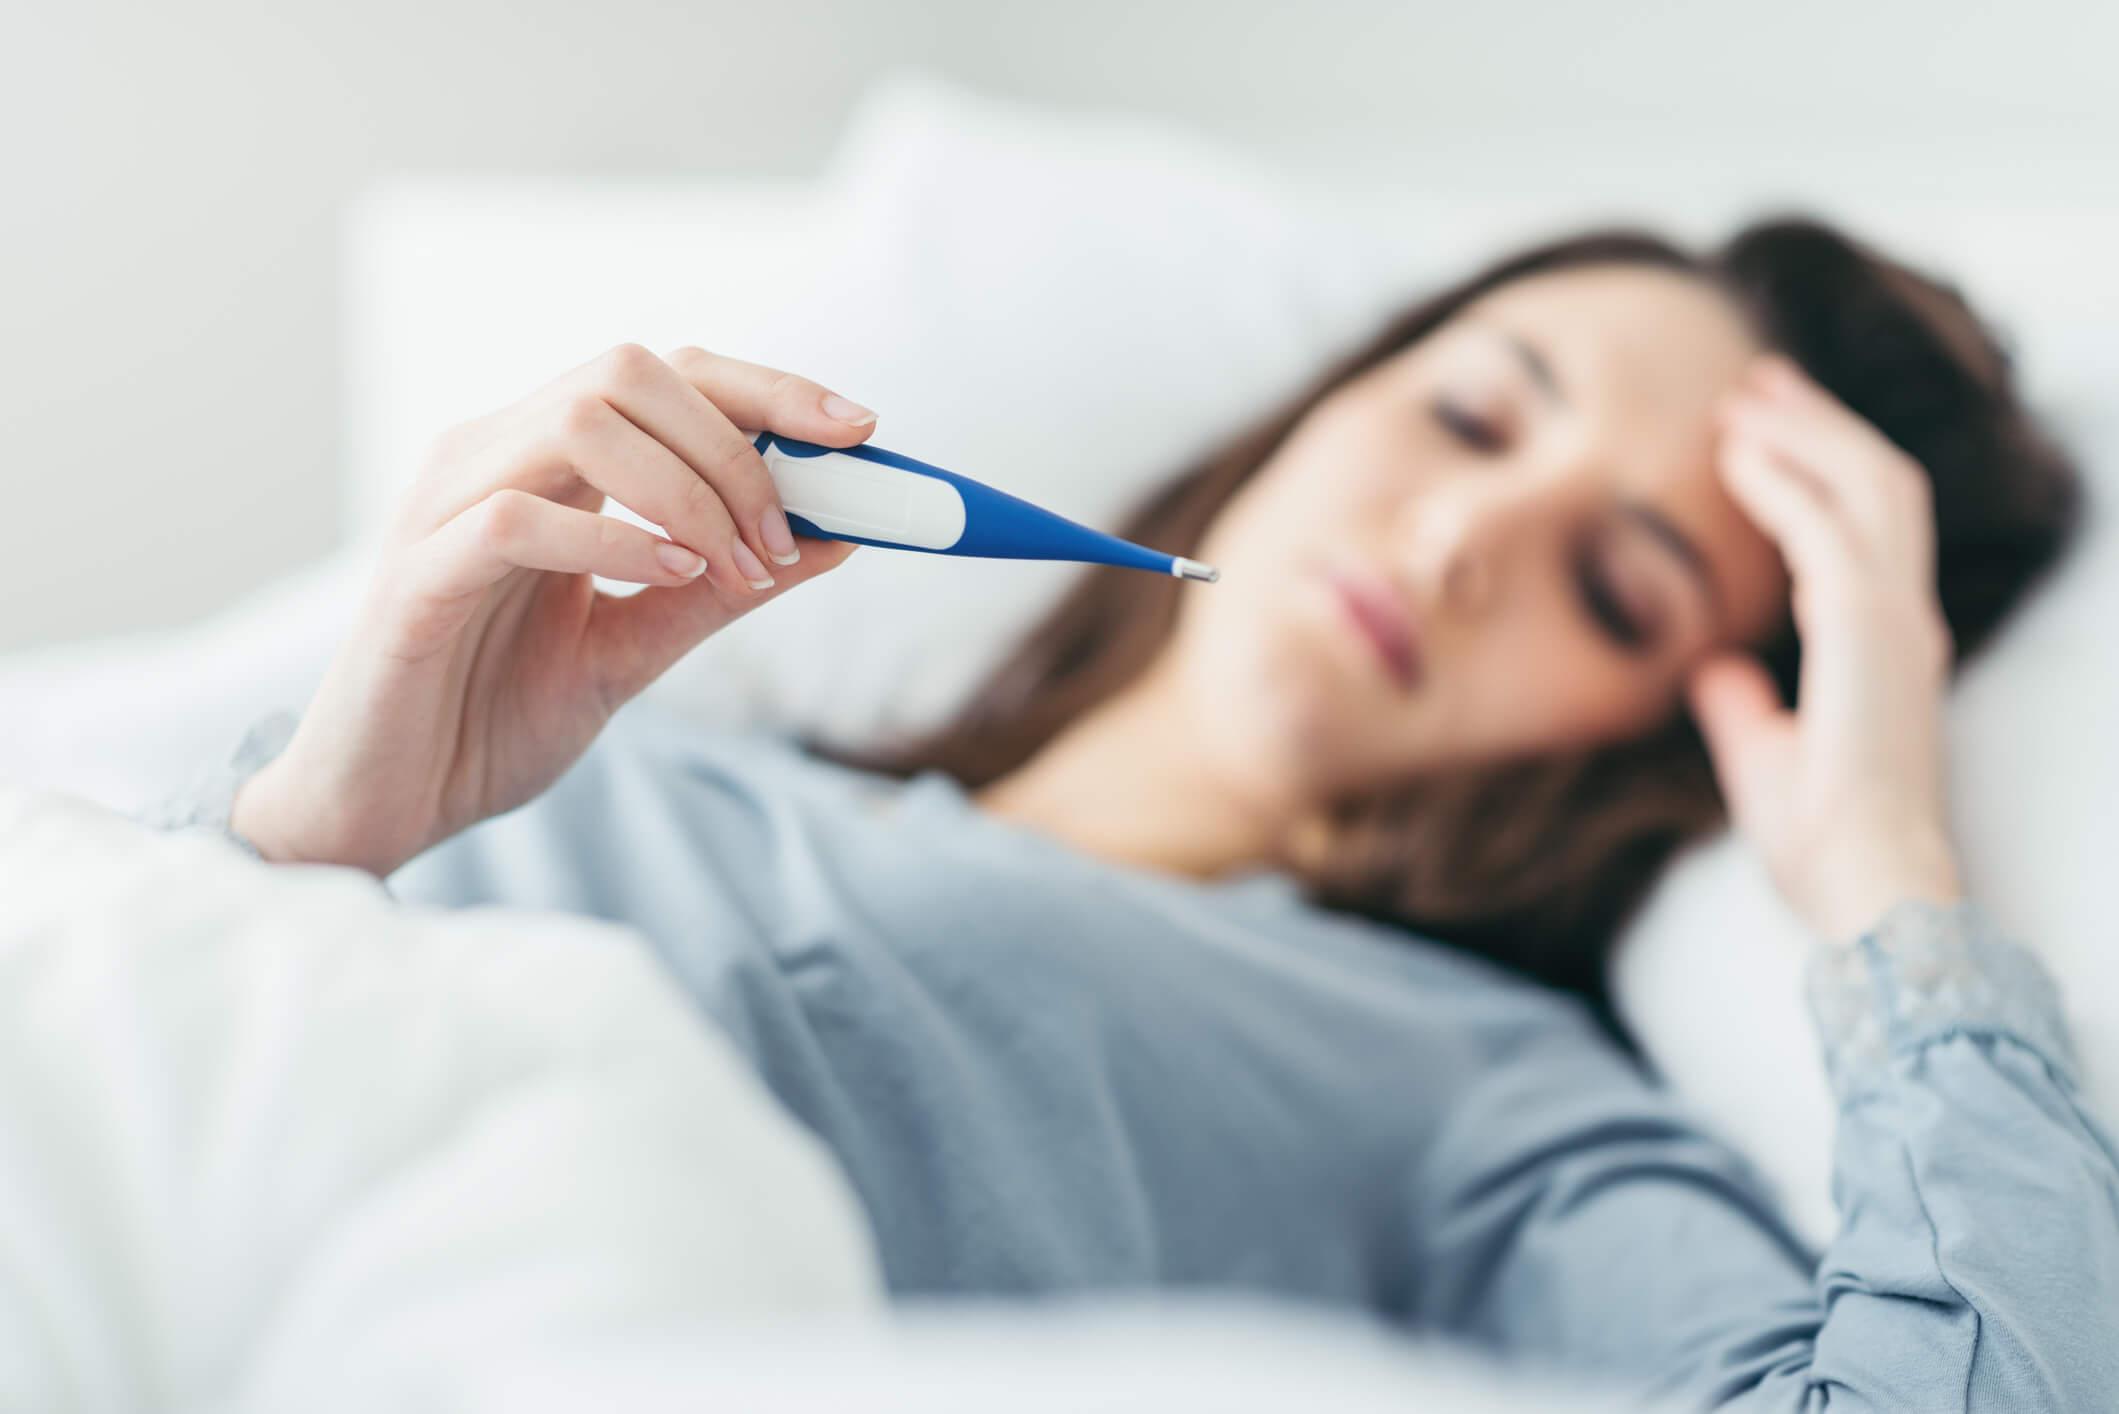 température fièvre coronavirus